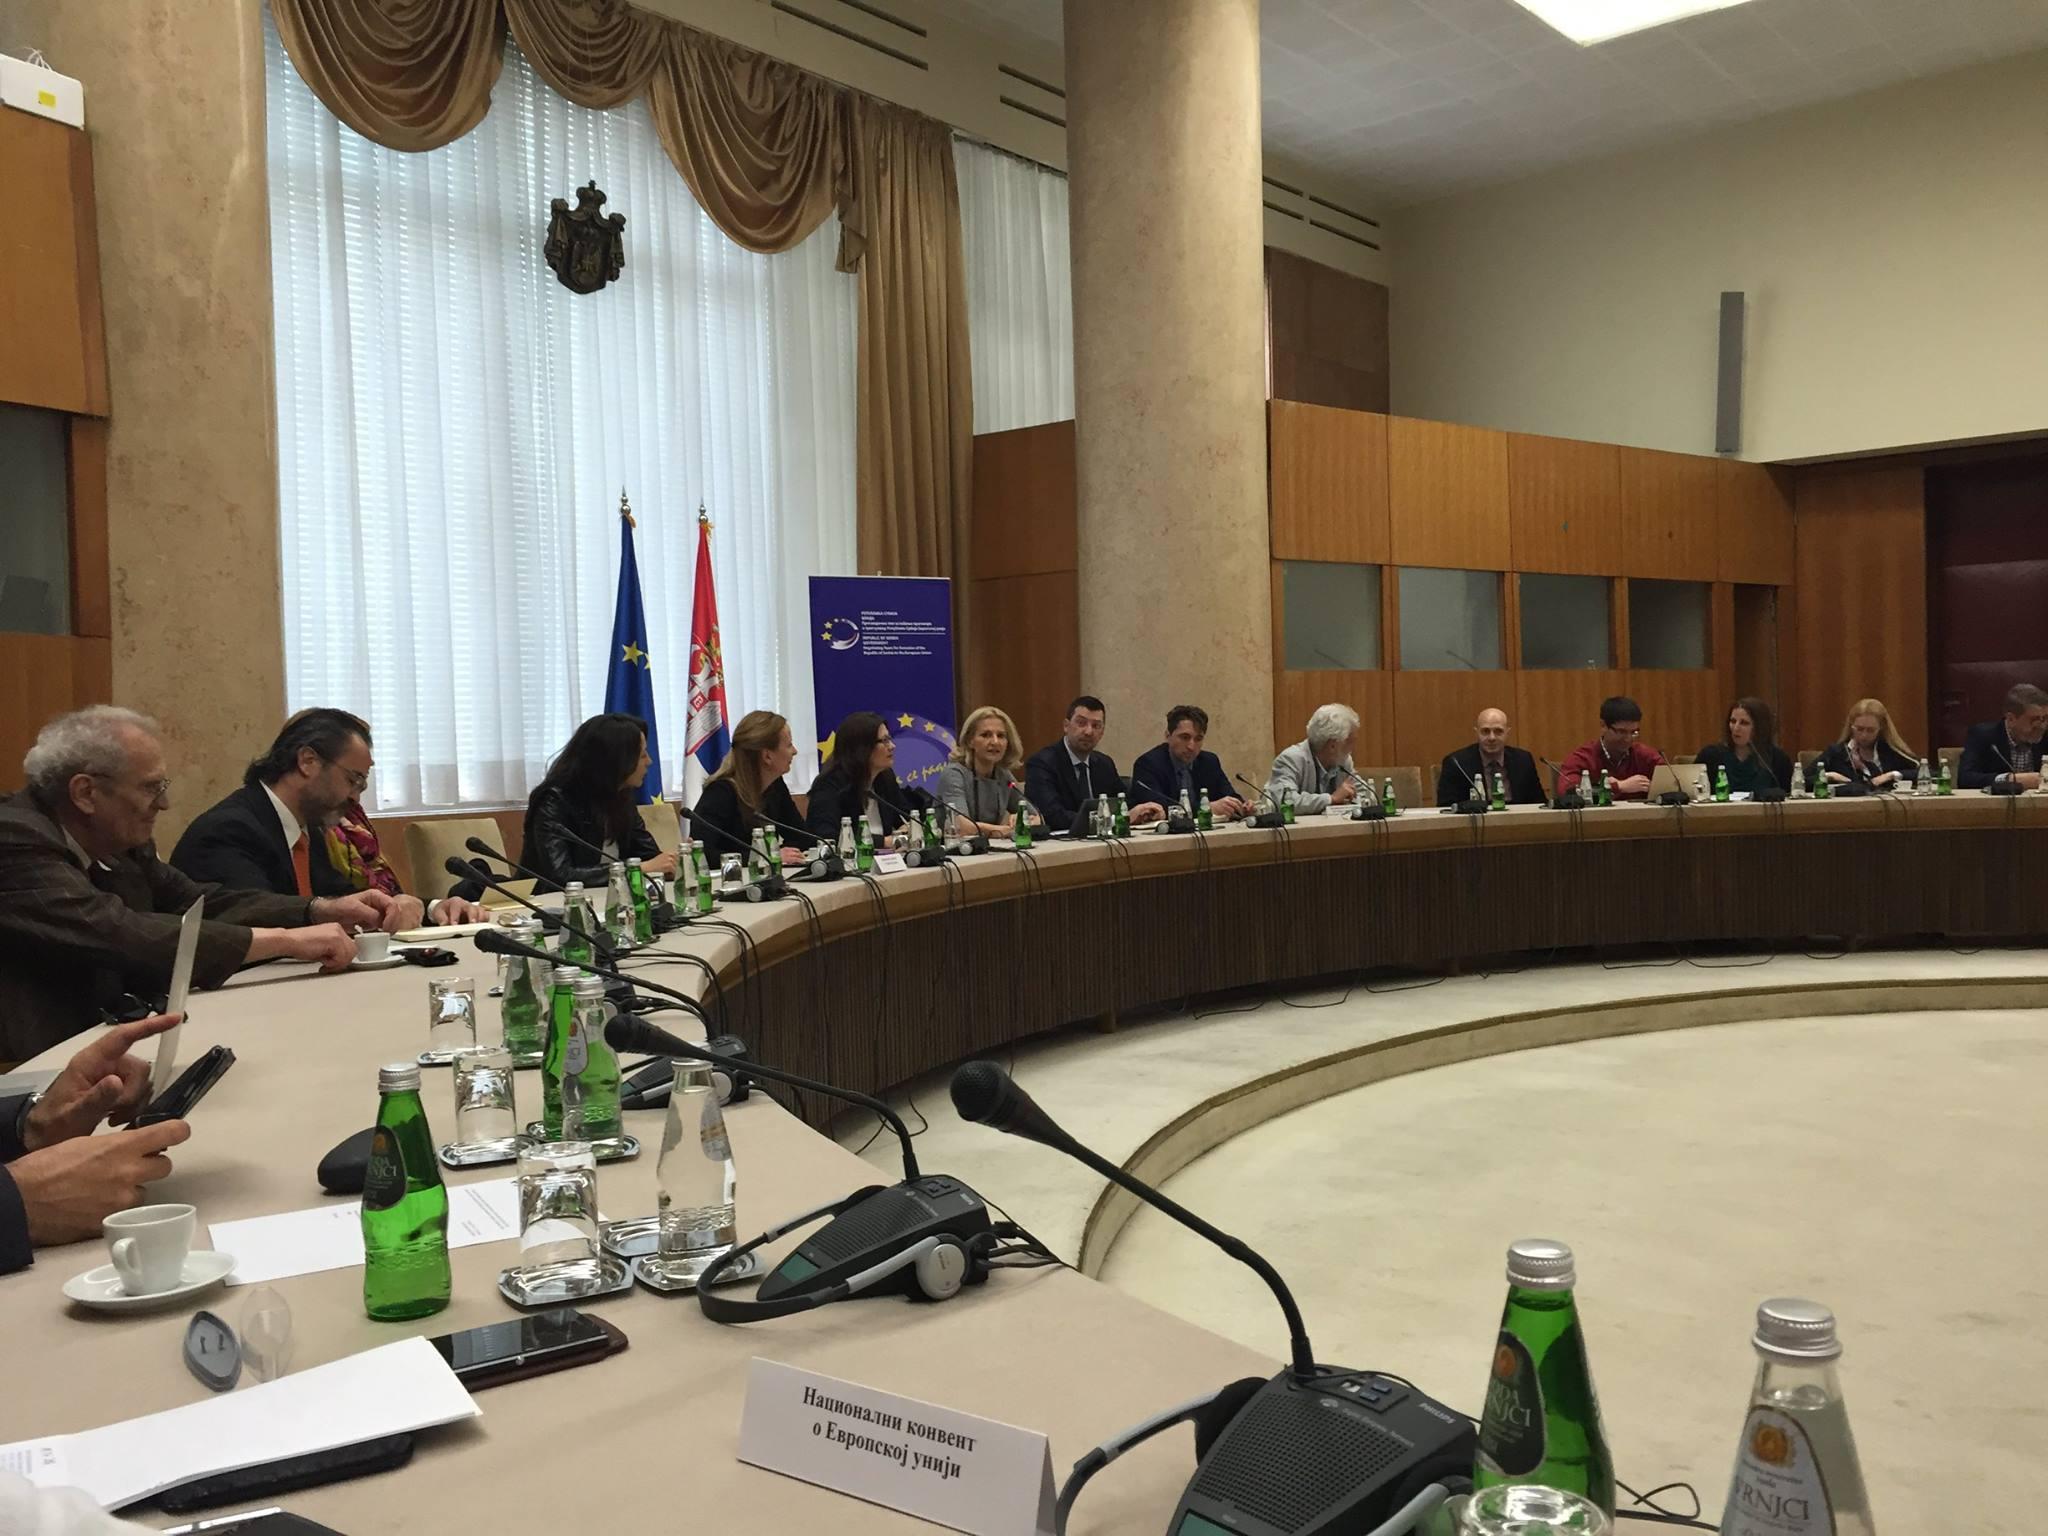 Poruka Nacionalnog konventa o EU: neka vlasti ne manipulišu građanima u Severnoj Mitrovici